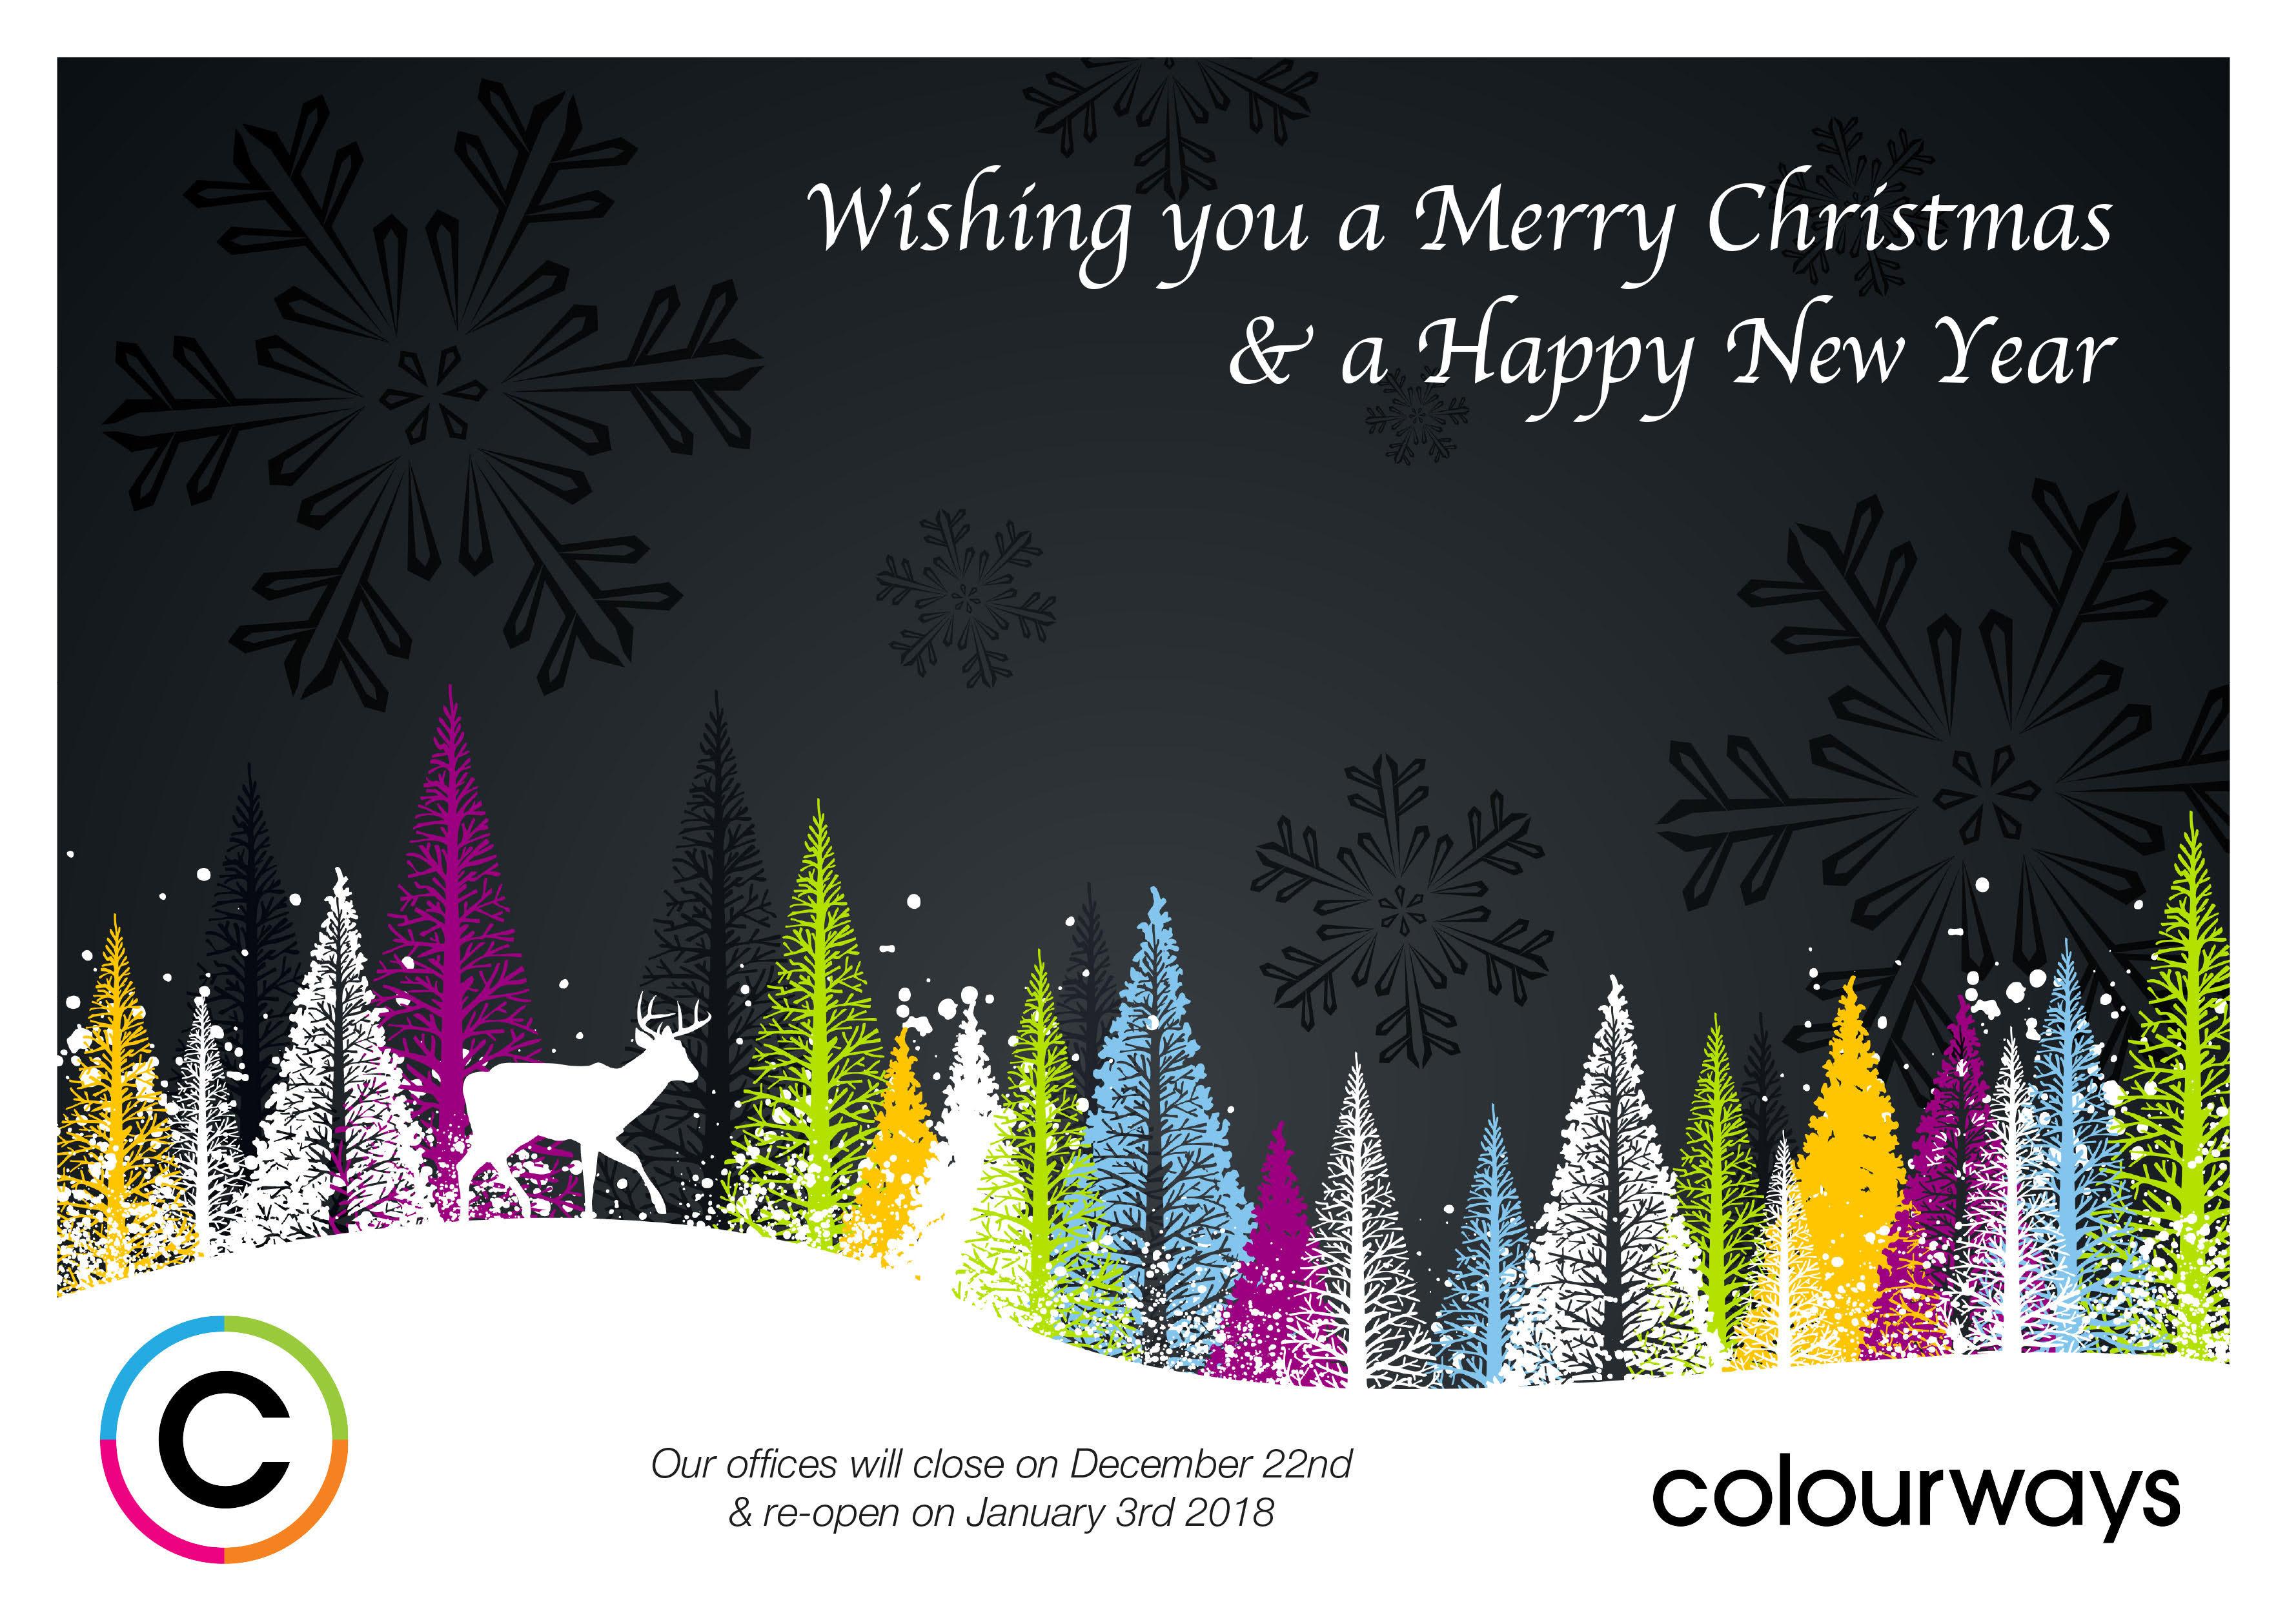 Final CWS Christmas card